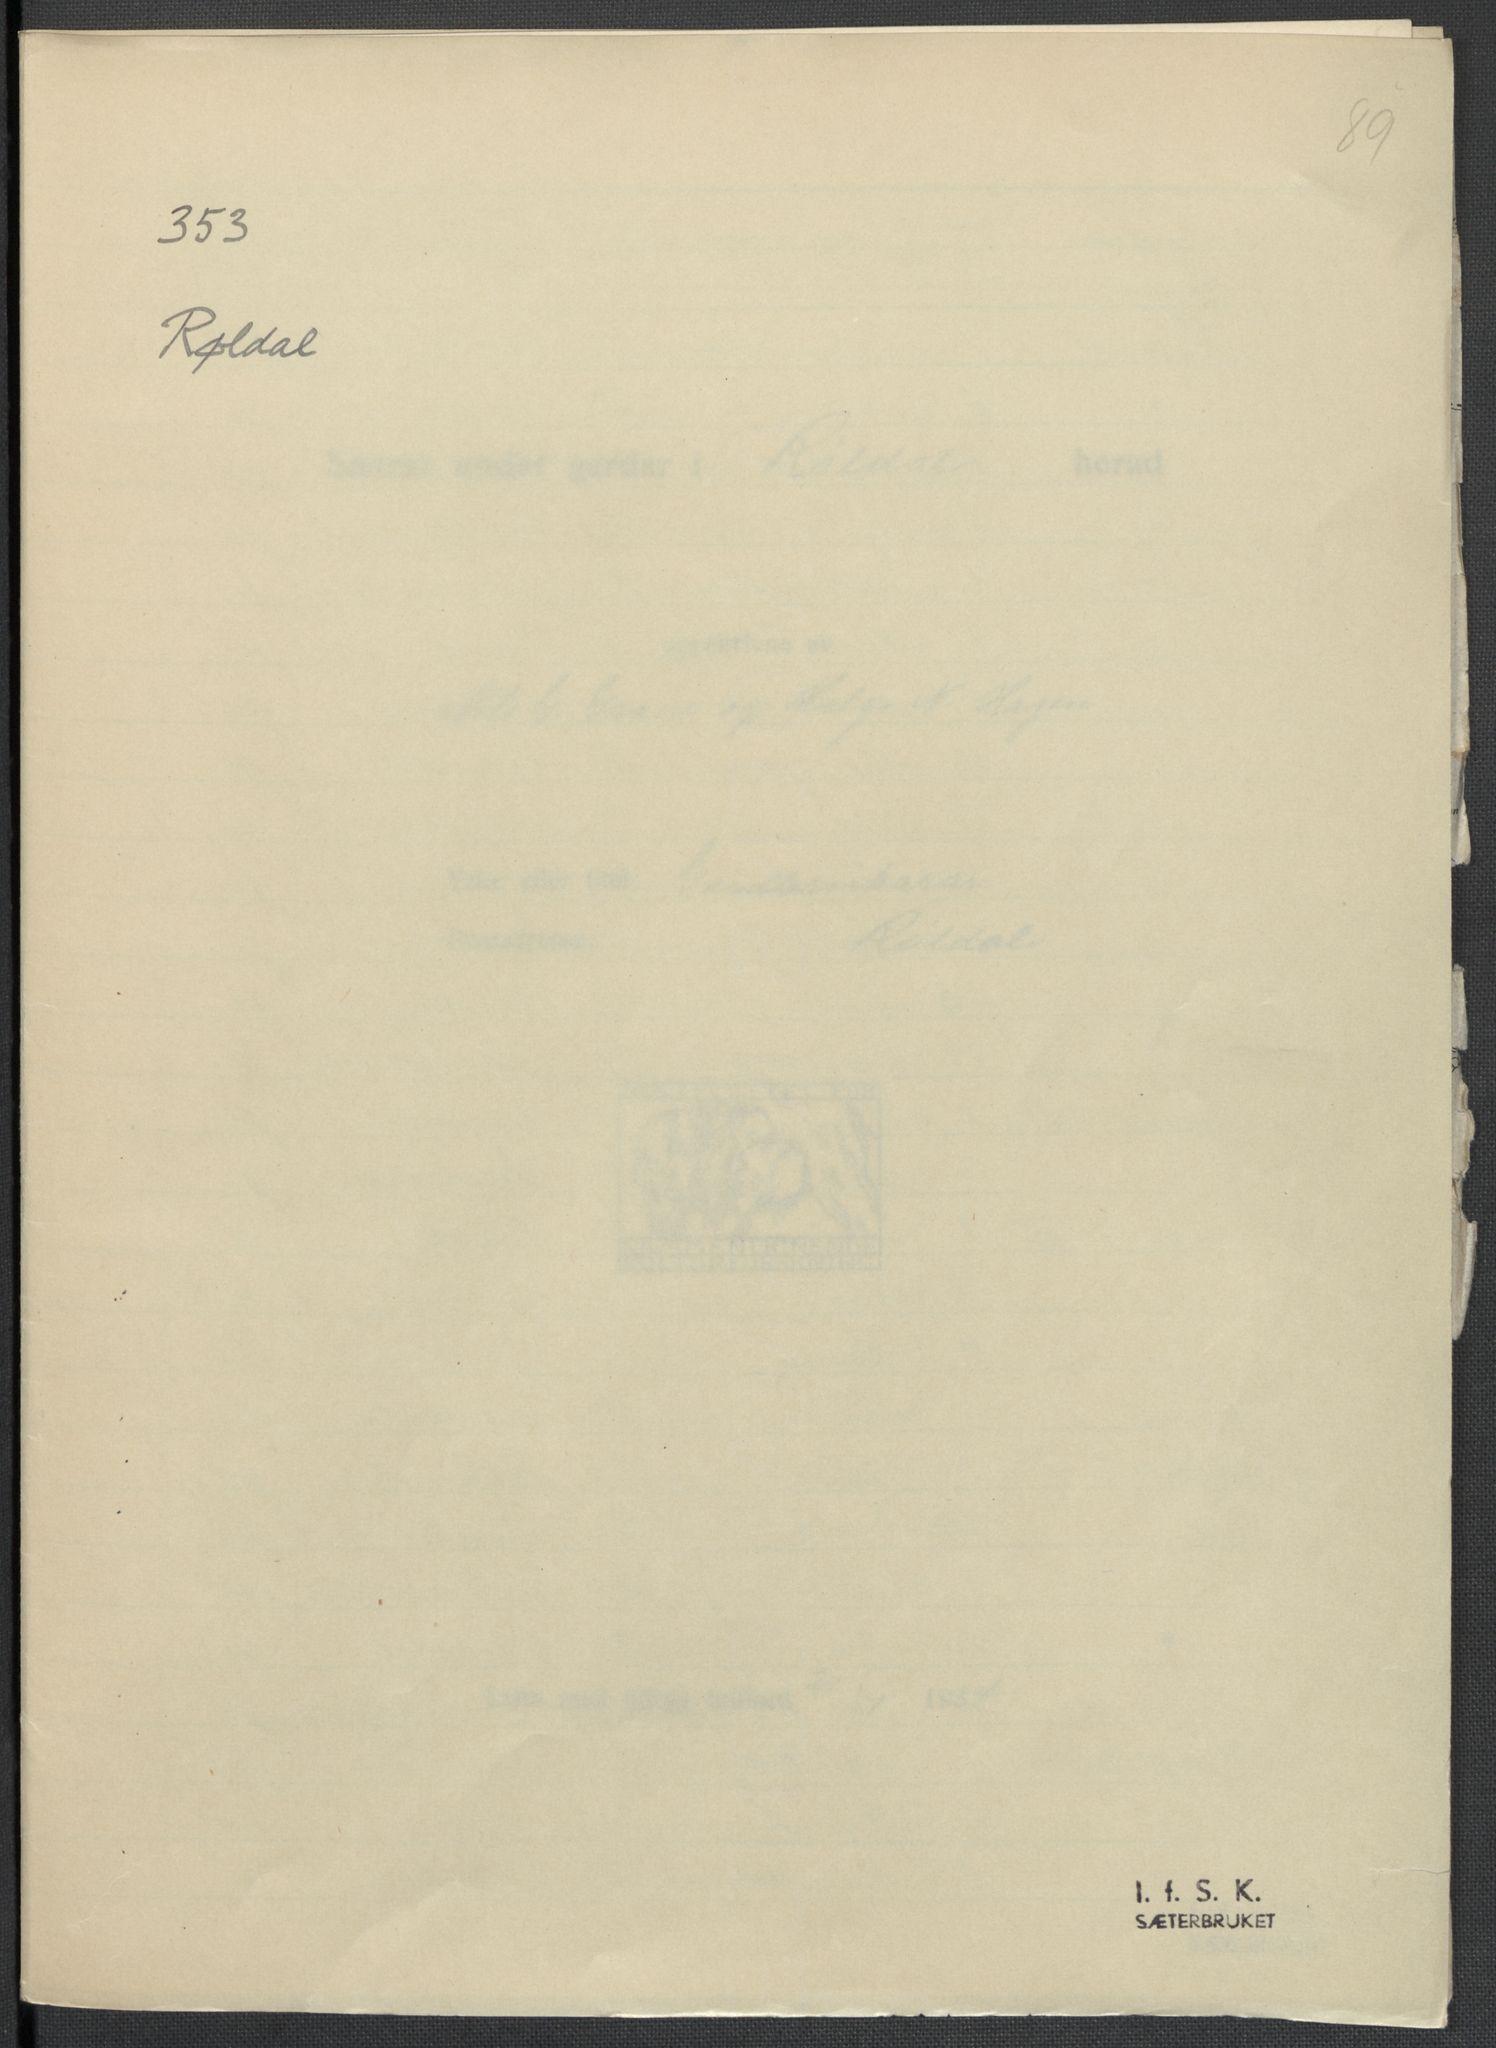 RA, Instituttet for sammenlignende kulturforskning, F/Fc/L0010: Eske B10:, 1932-1935, s. 89